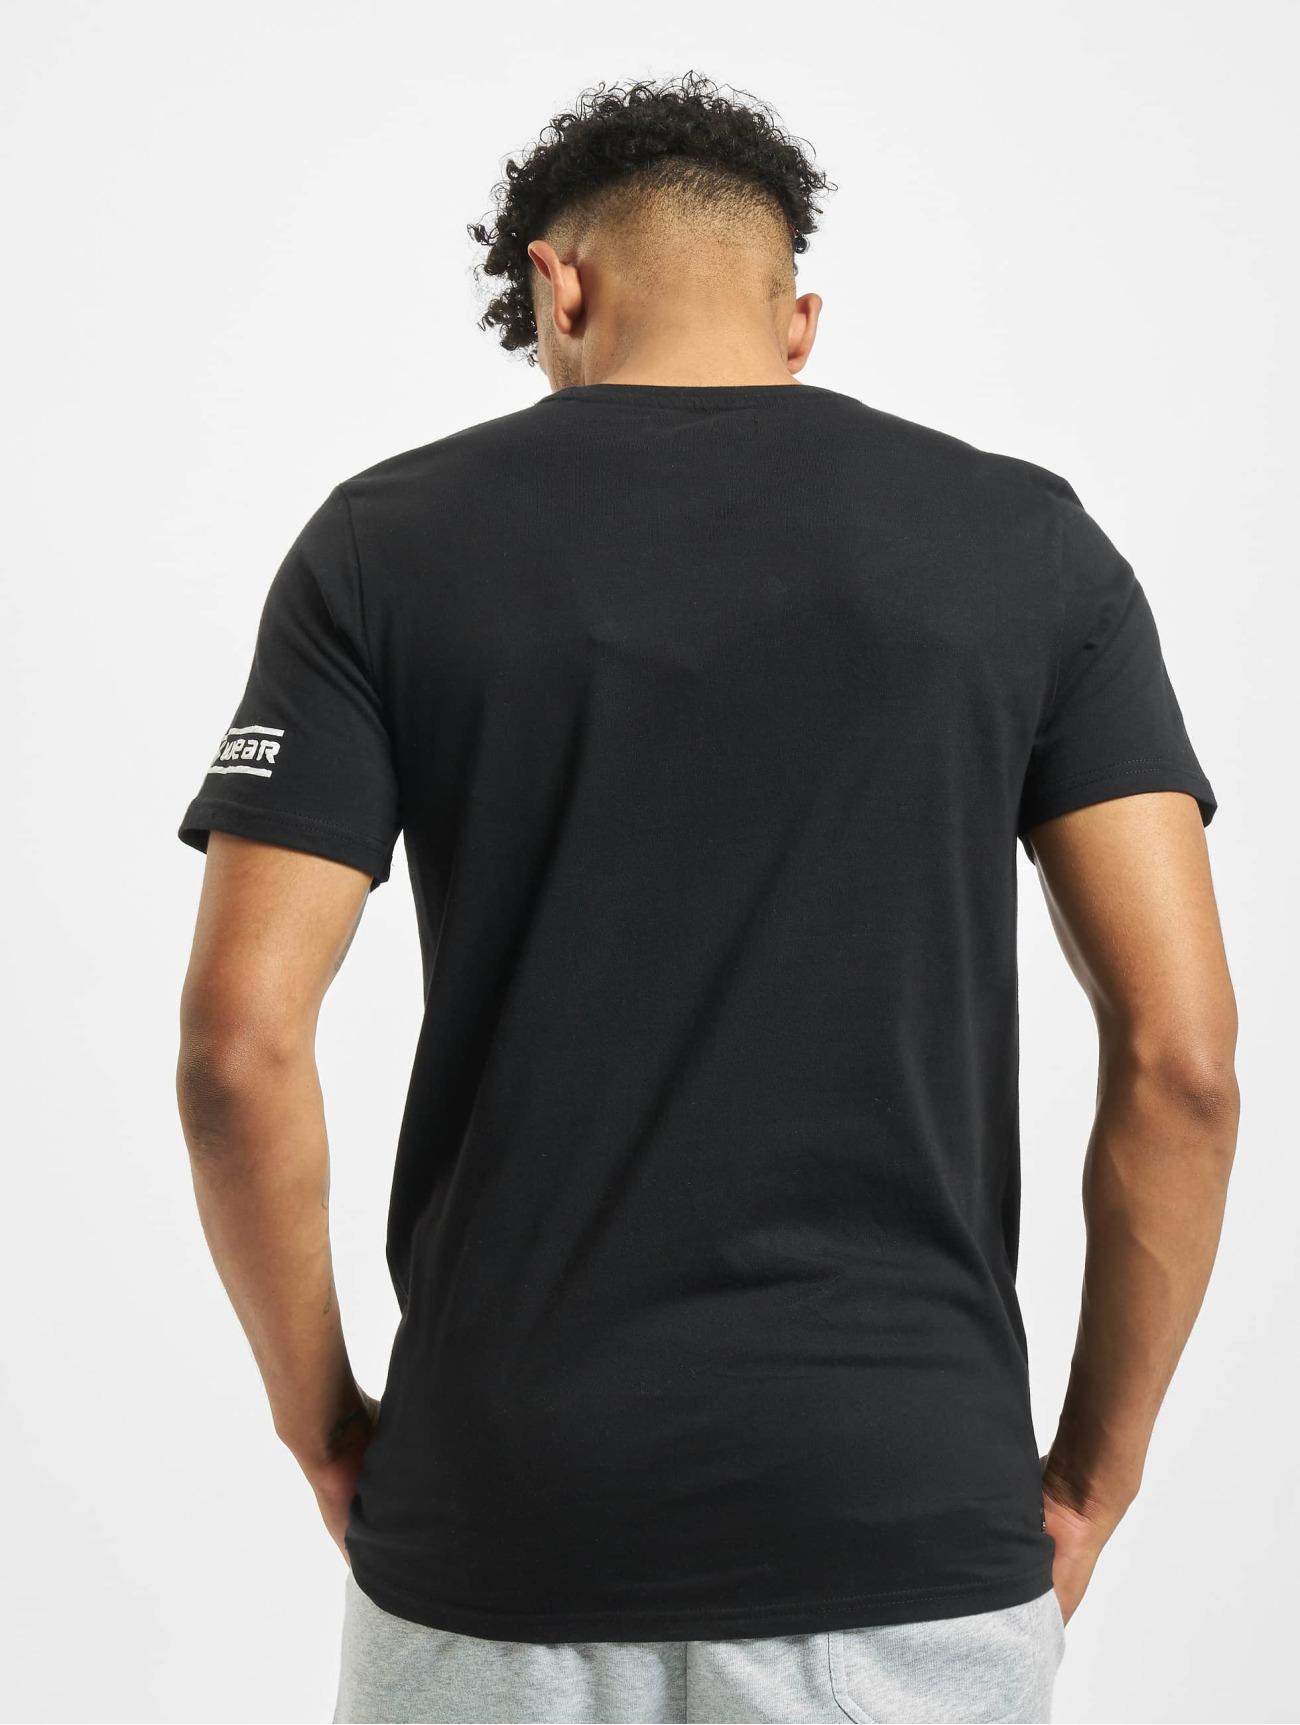 Rocawear | Arthur   noir Homme T-Shirt  648144| Homme Hauts